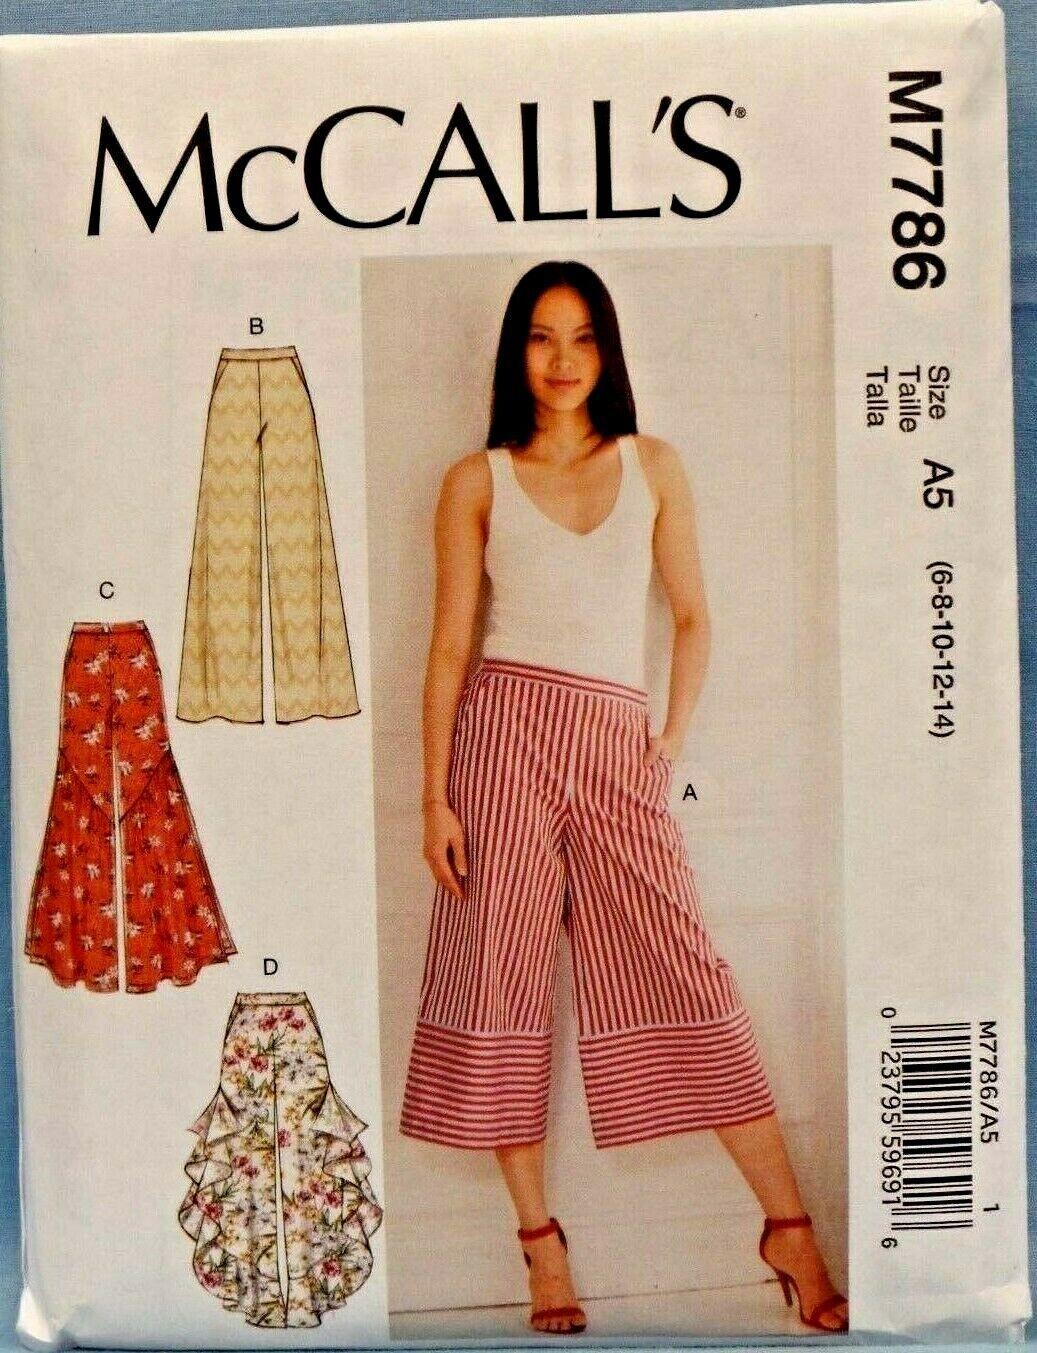 MCCALLS PATTERN 7786 PANTS MISSES SIZES 6 8 10 12 14 UNCUT - $8.25